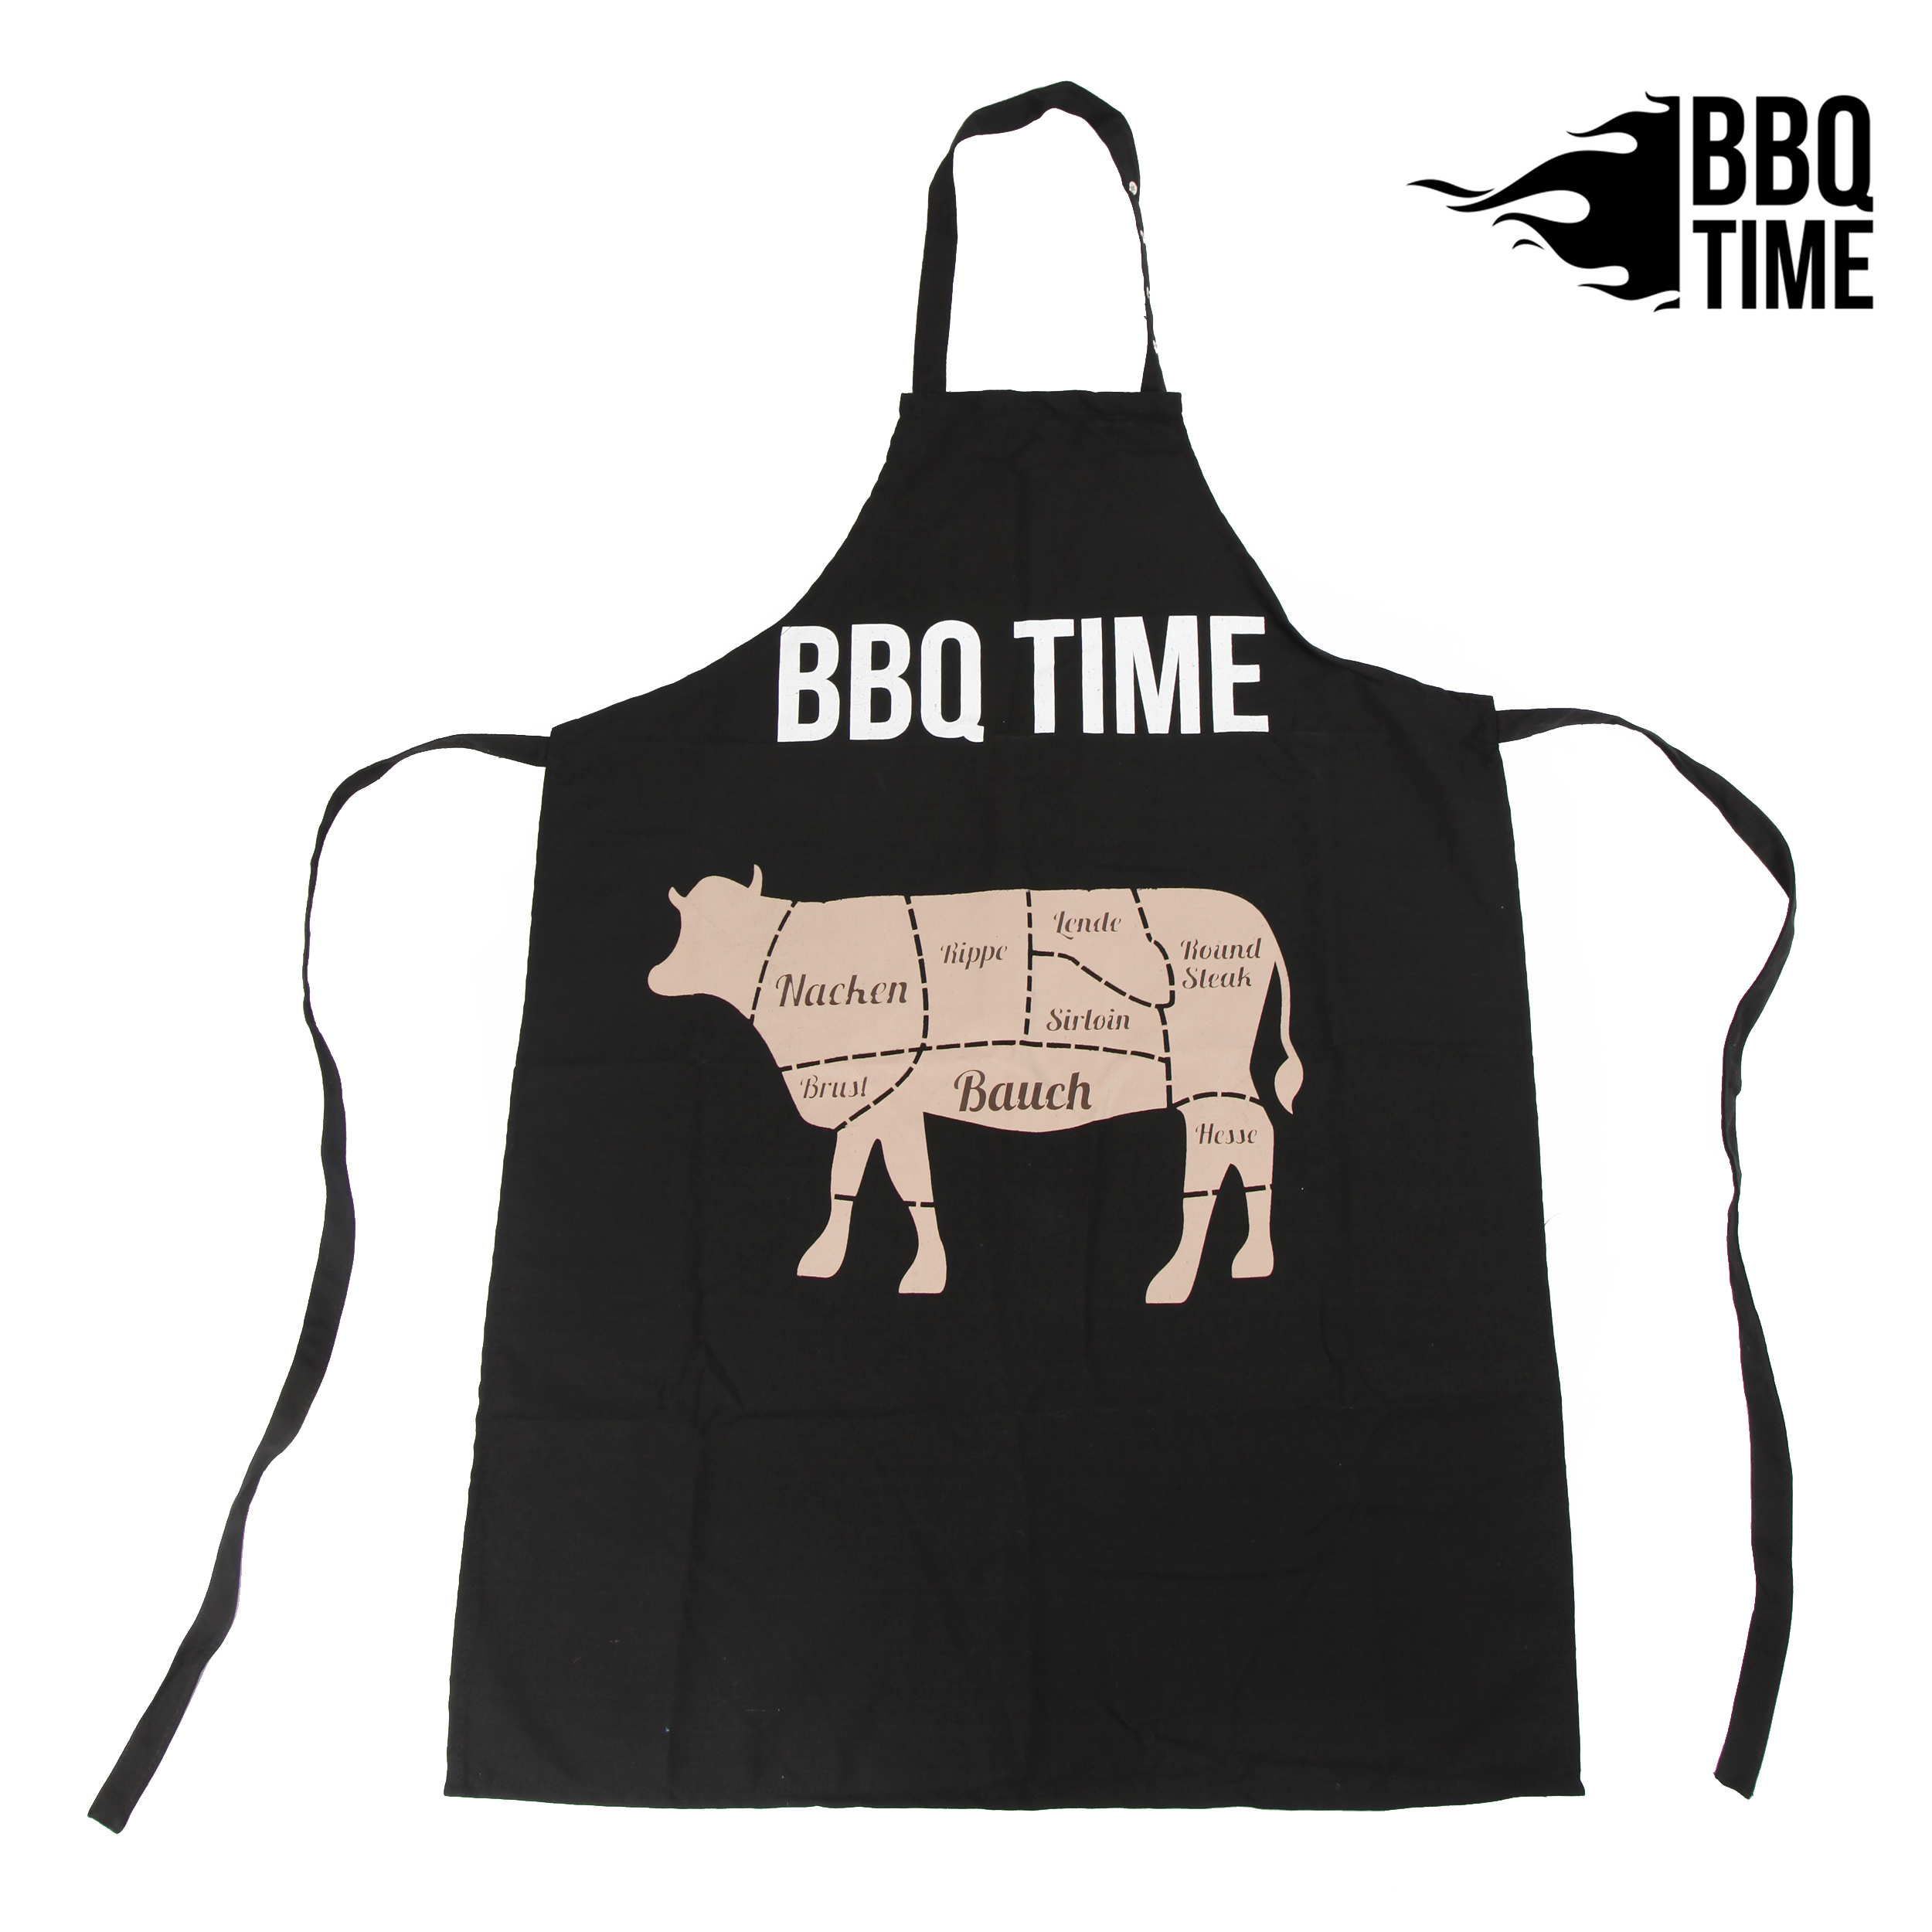 Grillschürze BBQ TIME - COW